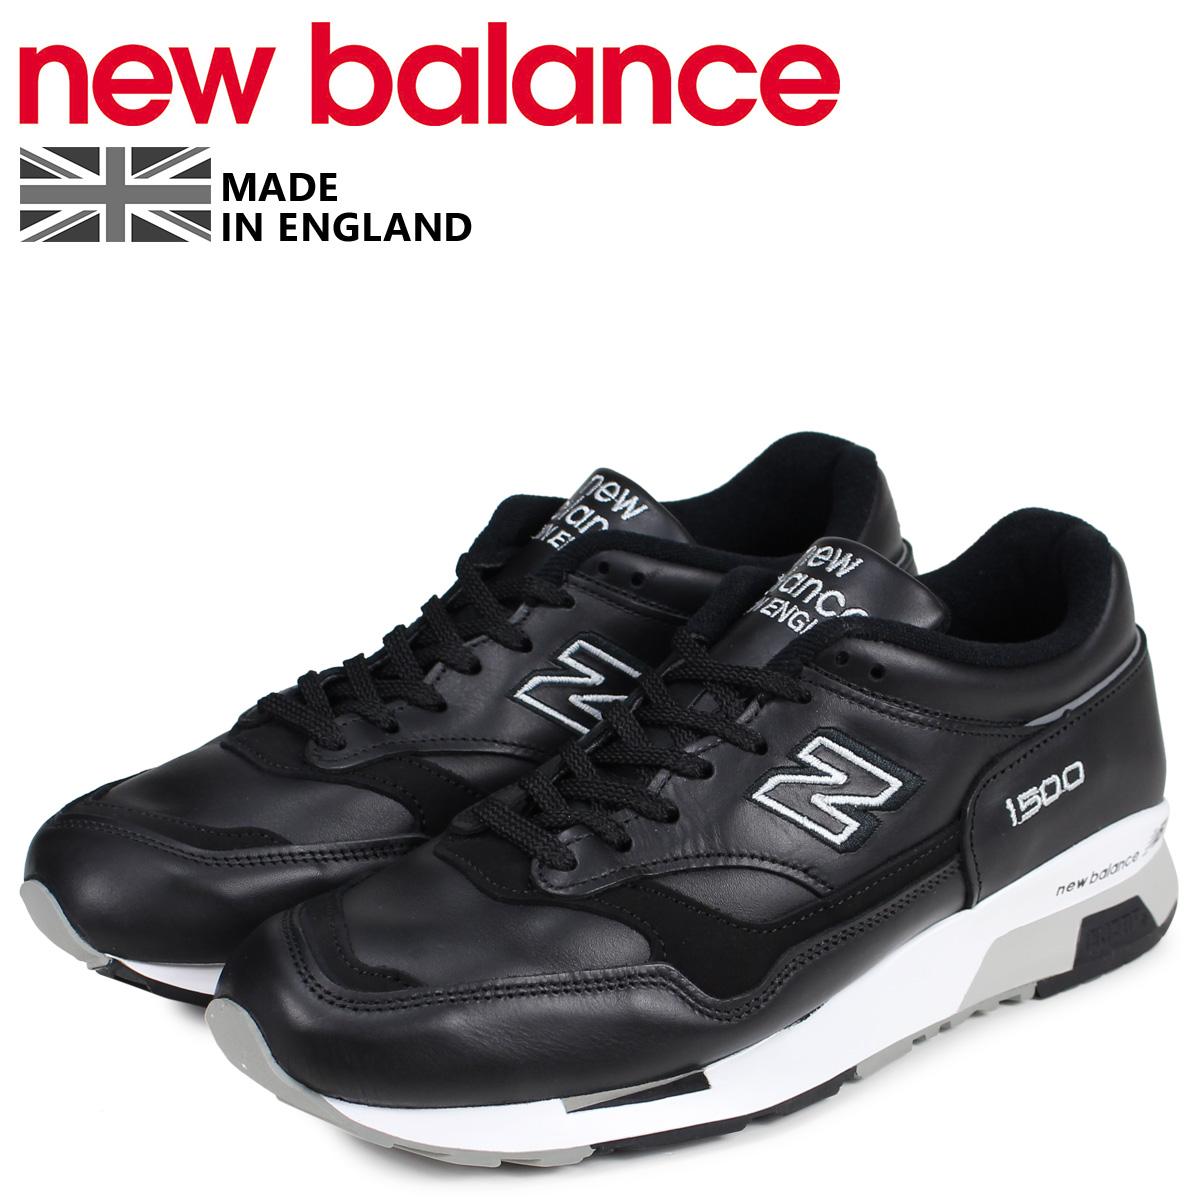 new balance ニューバランス 1500 スニーカー メンズ Dワイズ MADE IN UK ブラック 黒 M1500BK [予約商品 4/10頃入荷予定 新入荷]